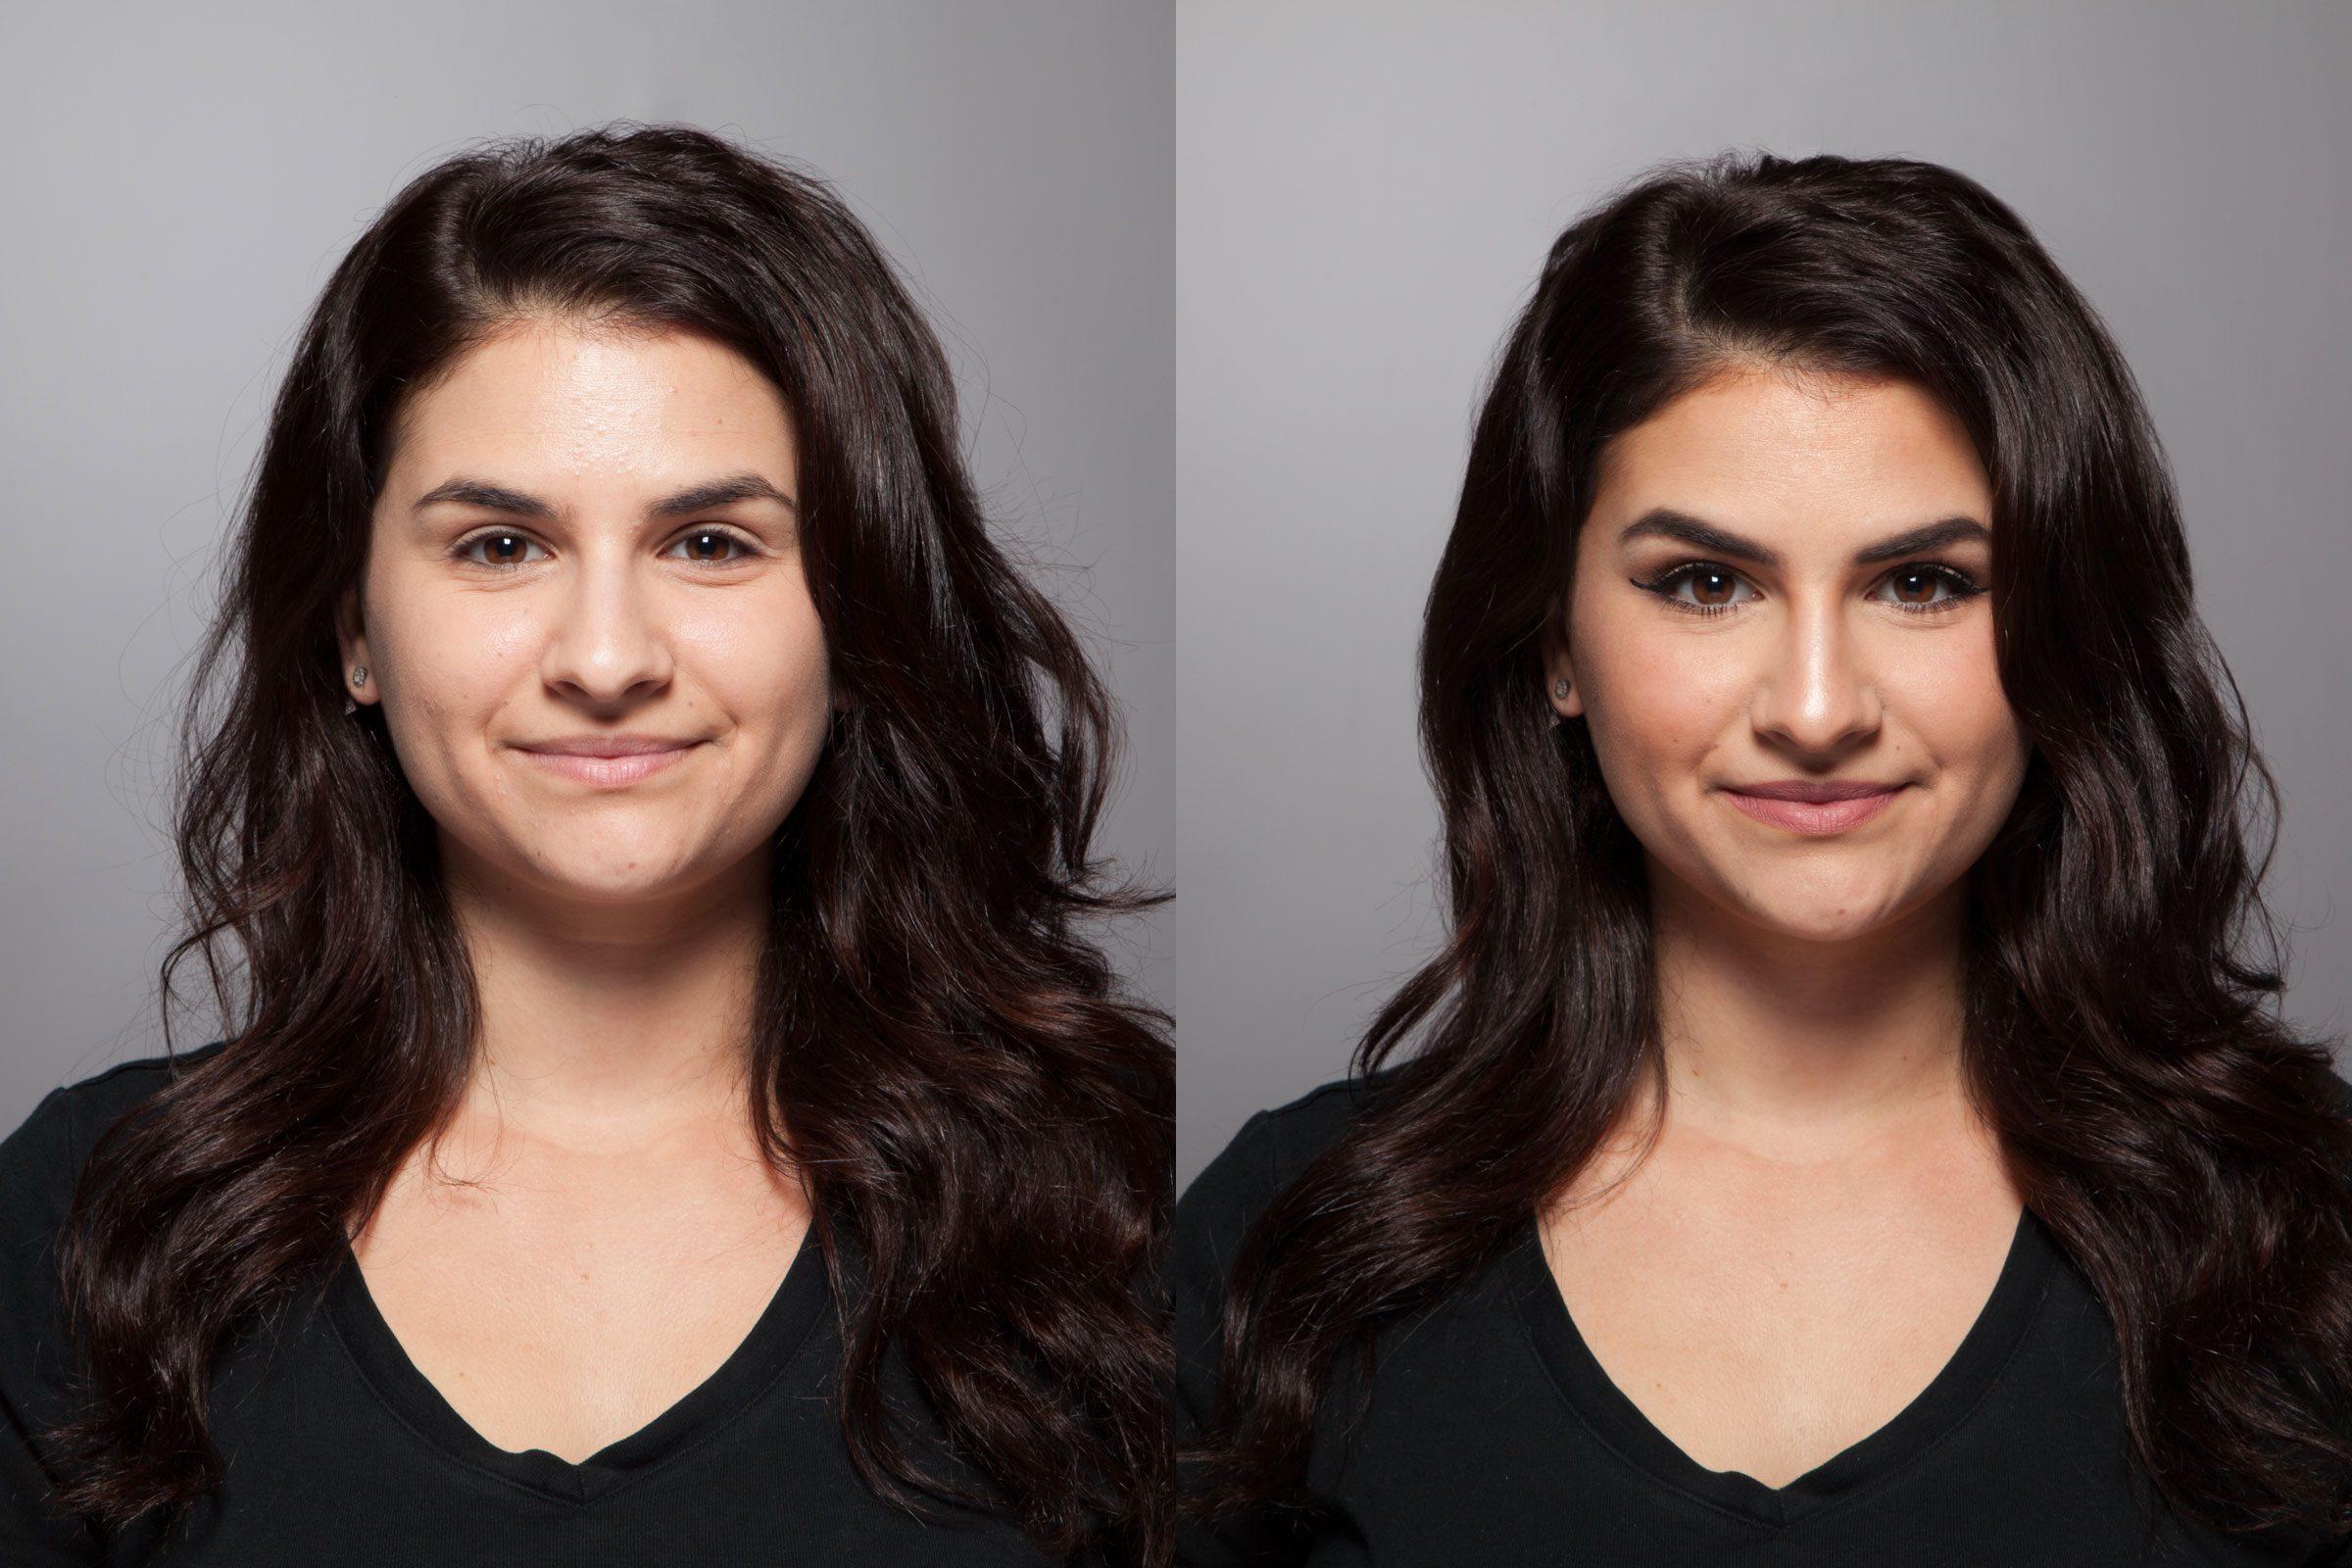 Trucs maquillage pour paraître plus mince: les résultats du tutoriel maquillage.